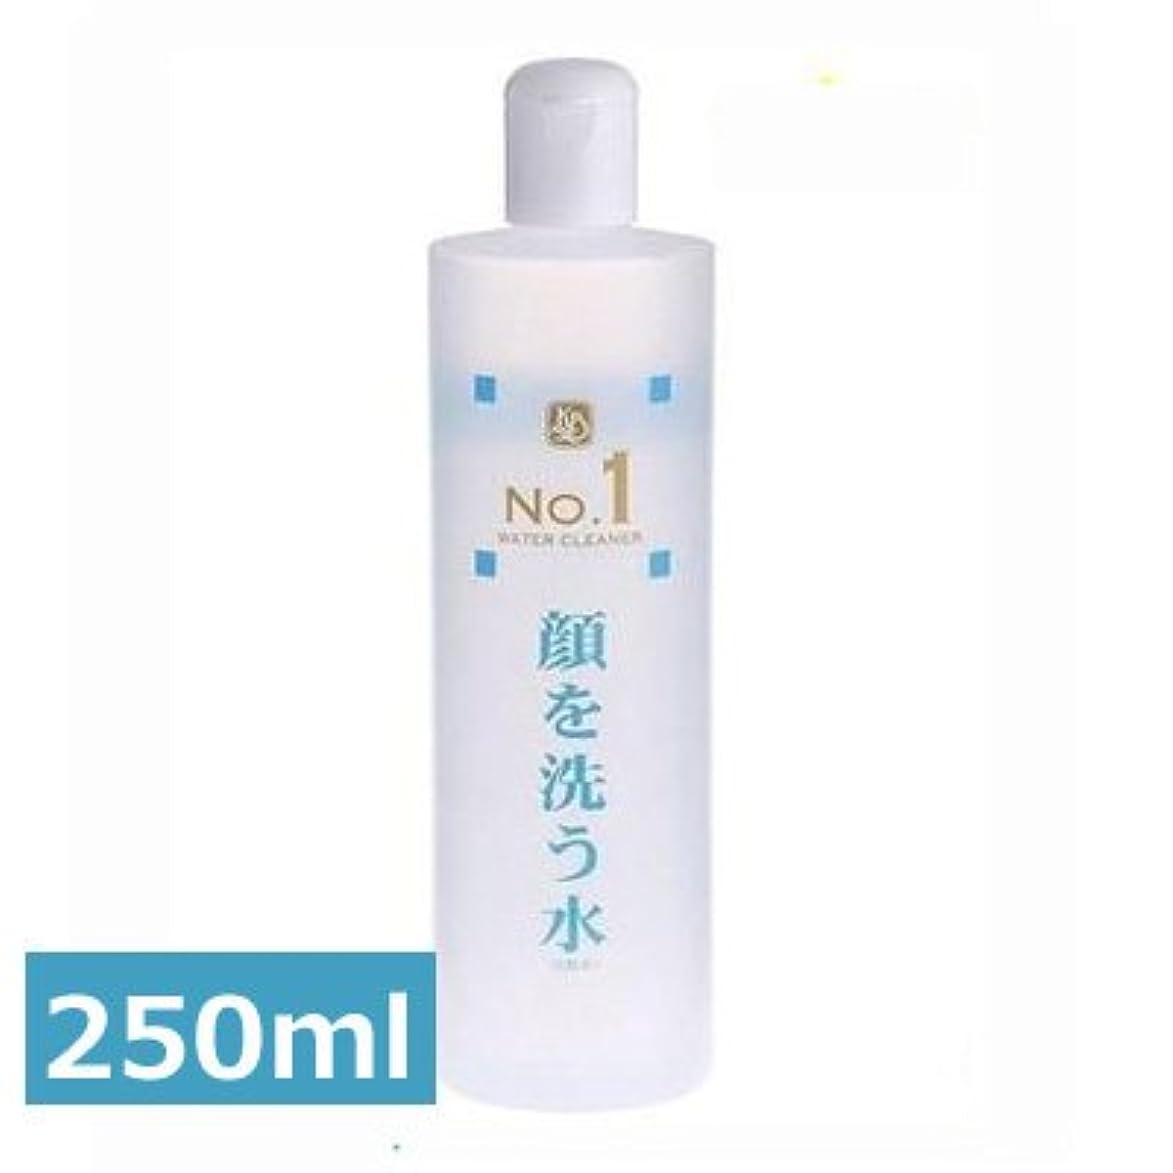 修理工リース測定可能ウォータークリーナー カミヤマ美研 顔を洗う水 No.1 250ml 2本セット